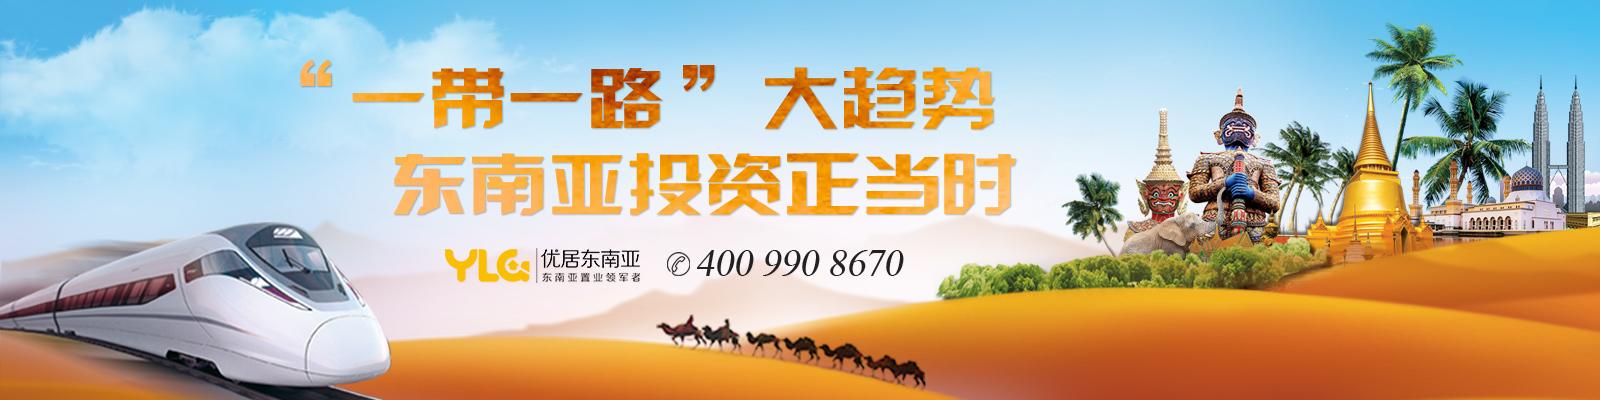 上海缘居投资管理有限公司